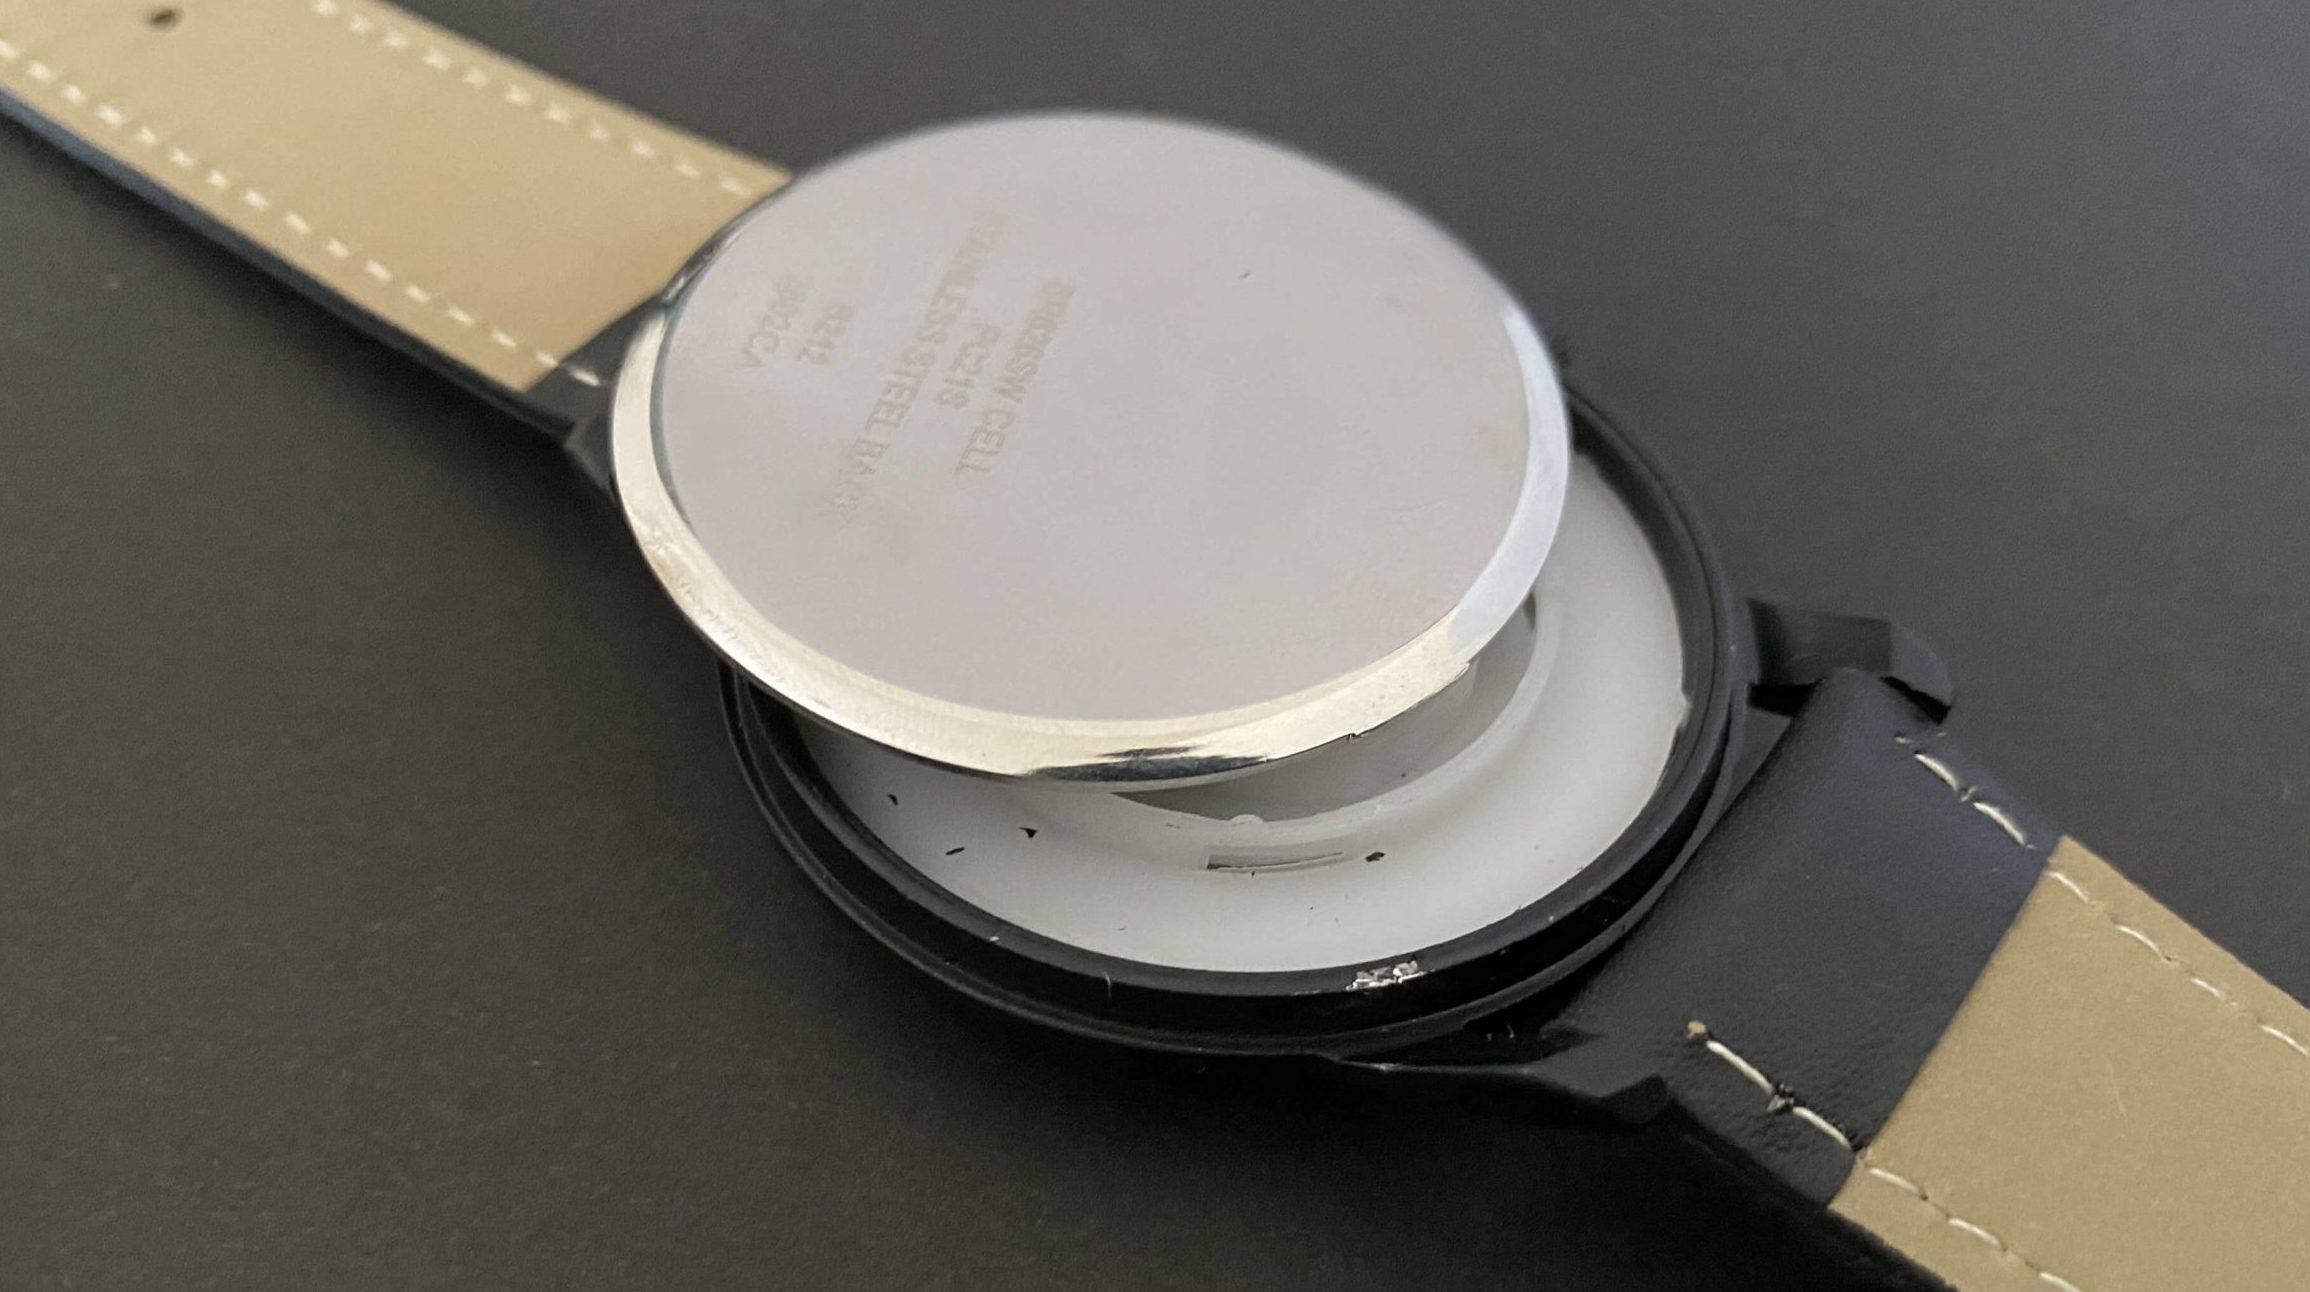 電池交換で裏ぶたに傷がついたダイソー腕時計